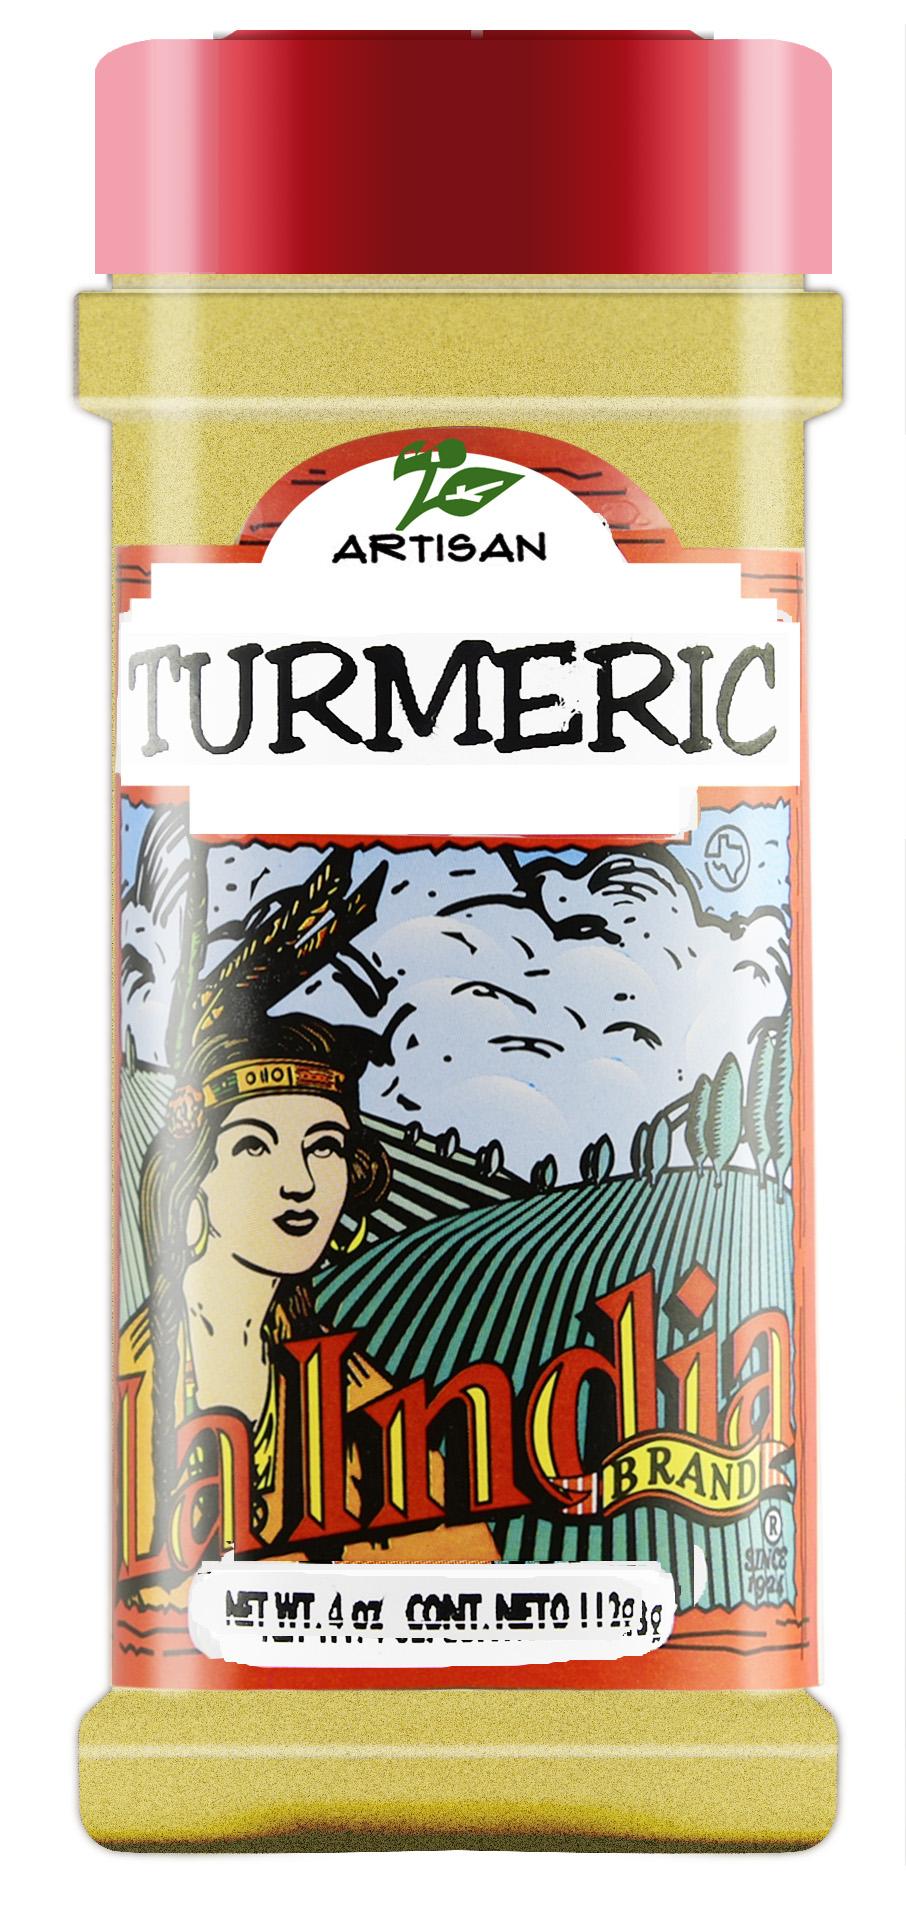 Turmeric Shaker 4.0 oz (unit)